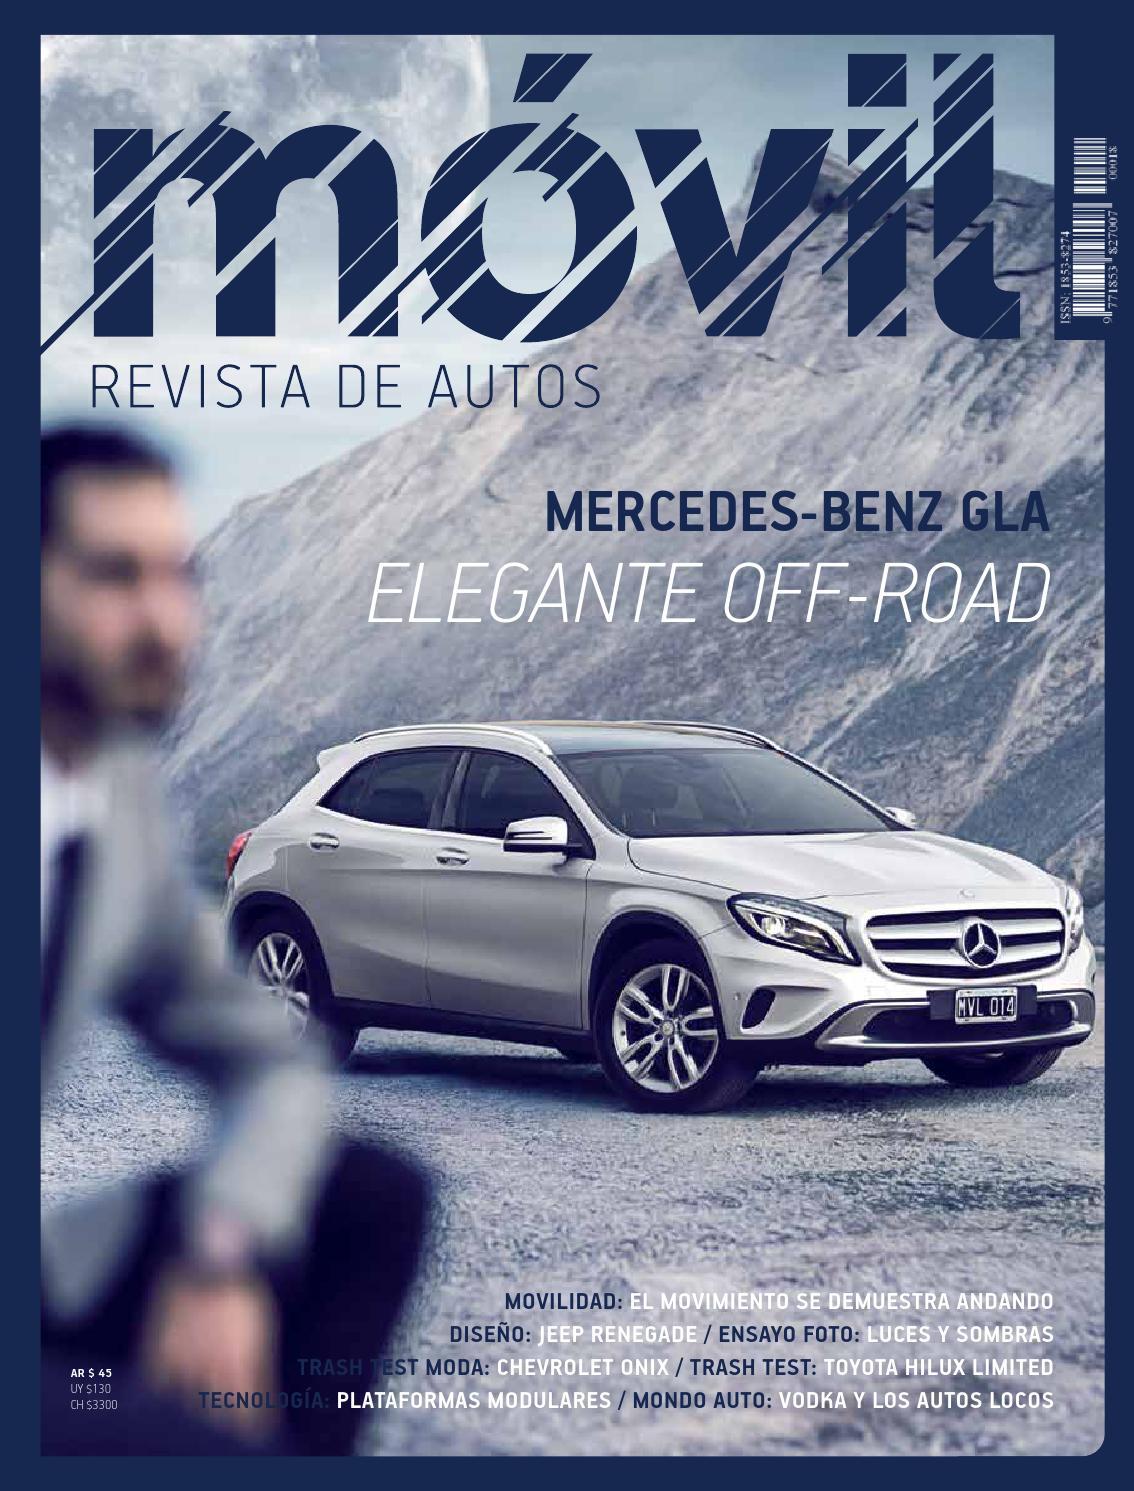 Móvil - Revista de Autos #17 by Revista Móvil - issuu